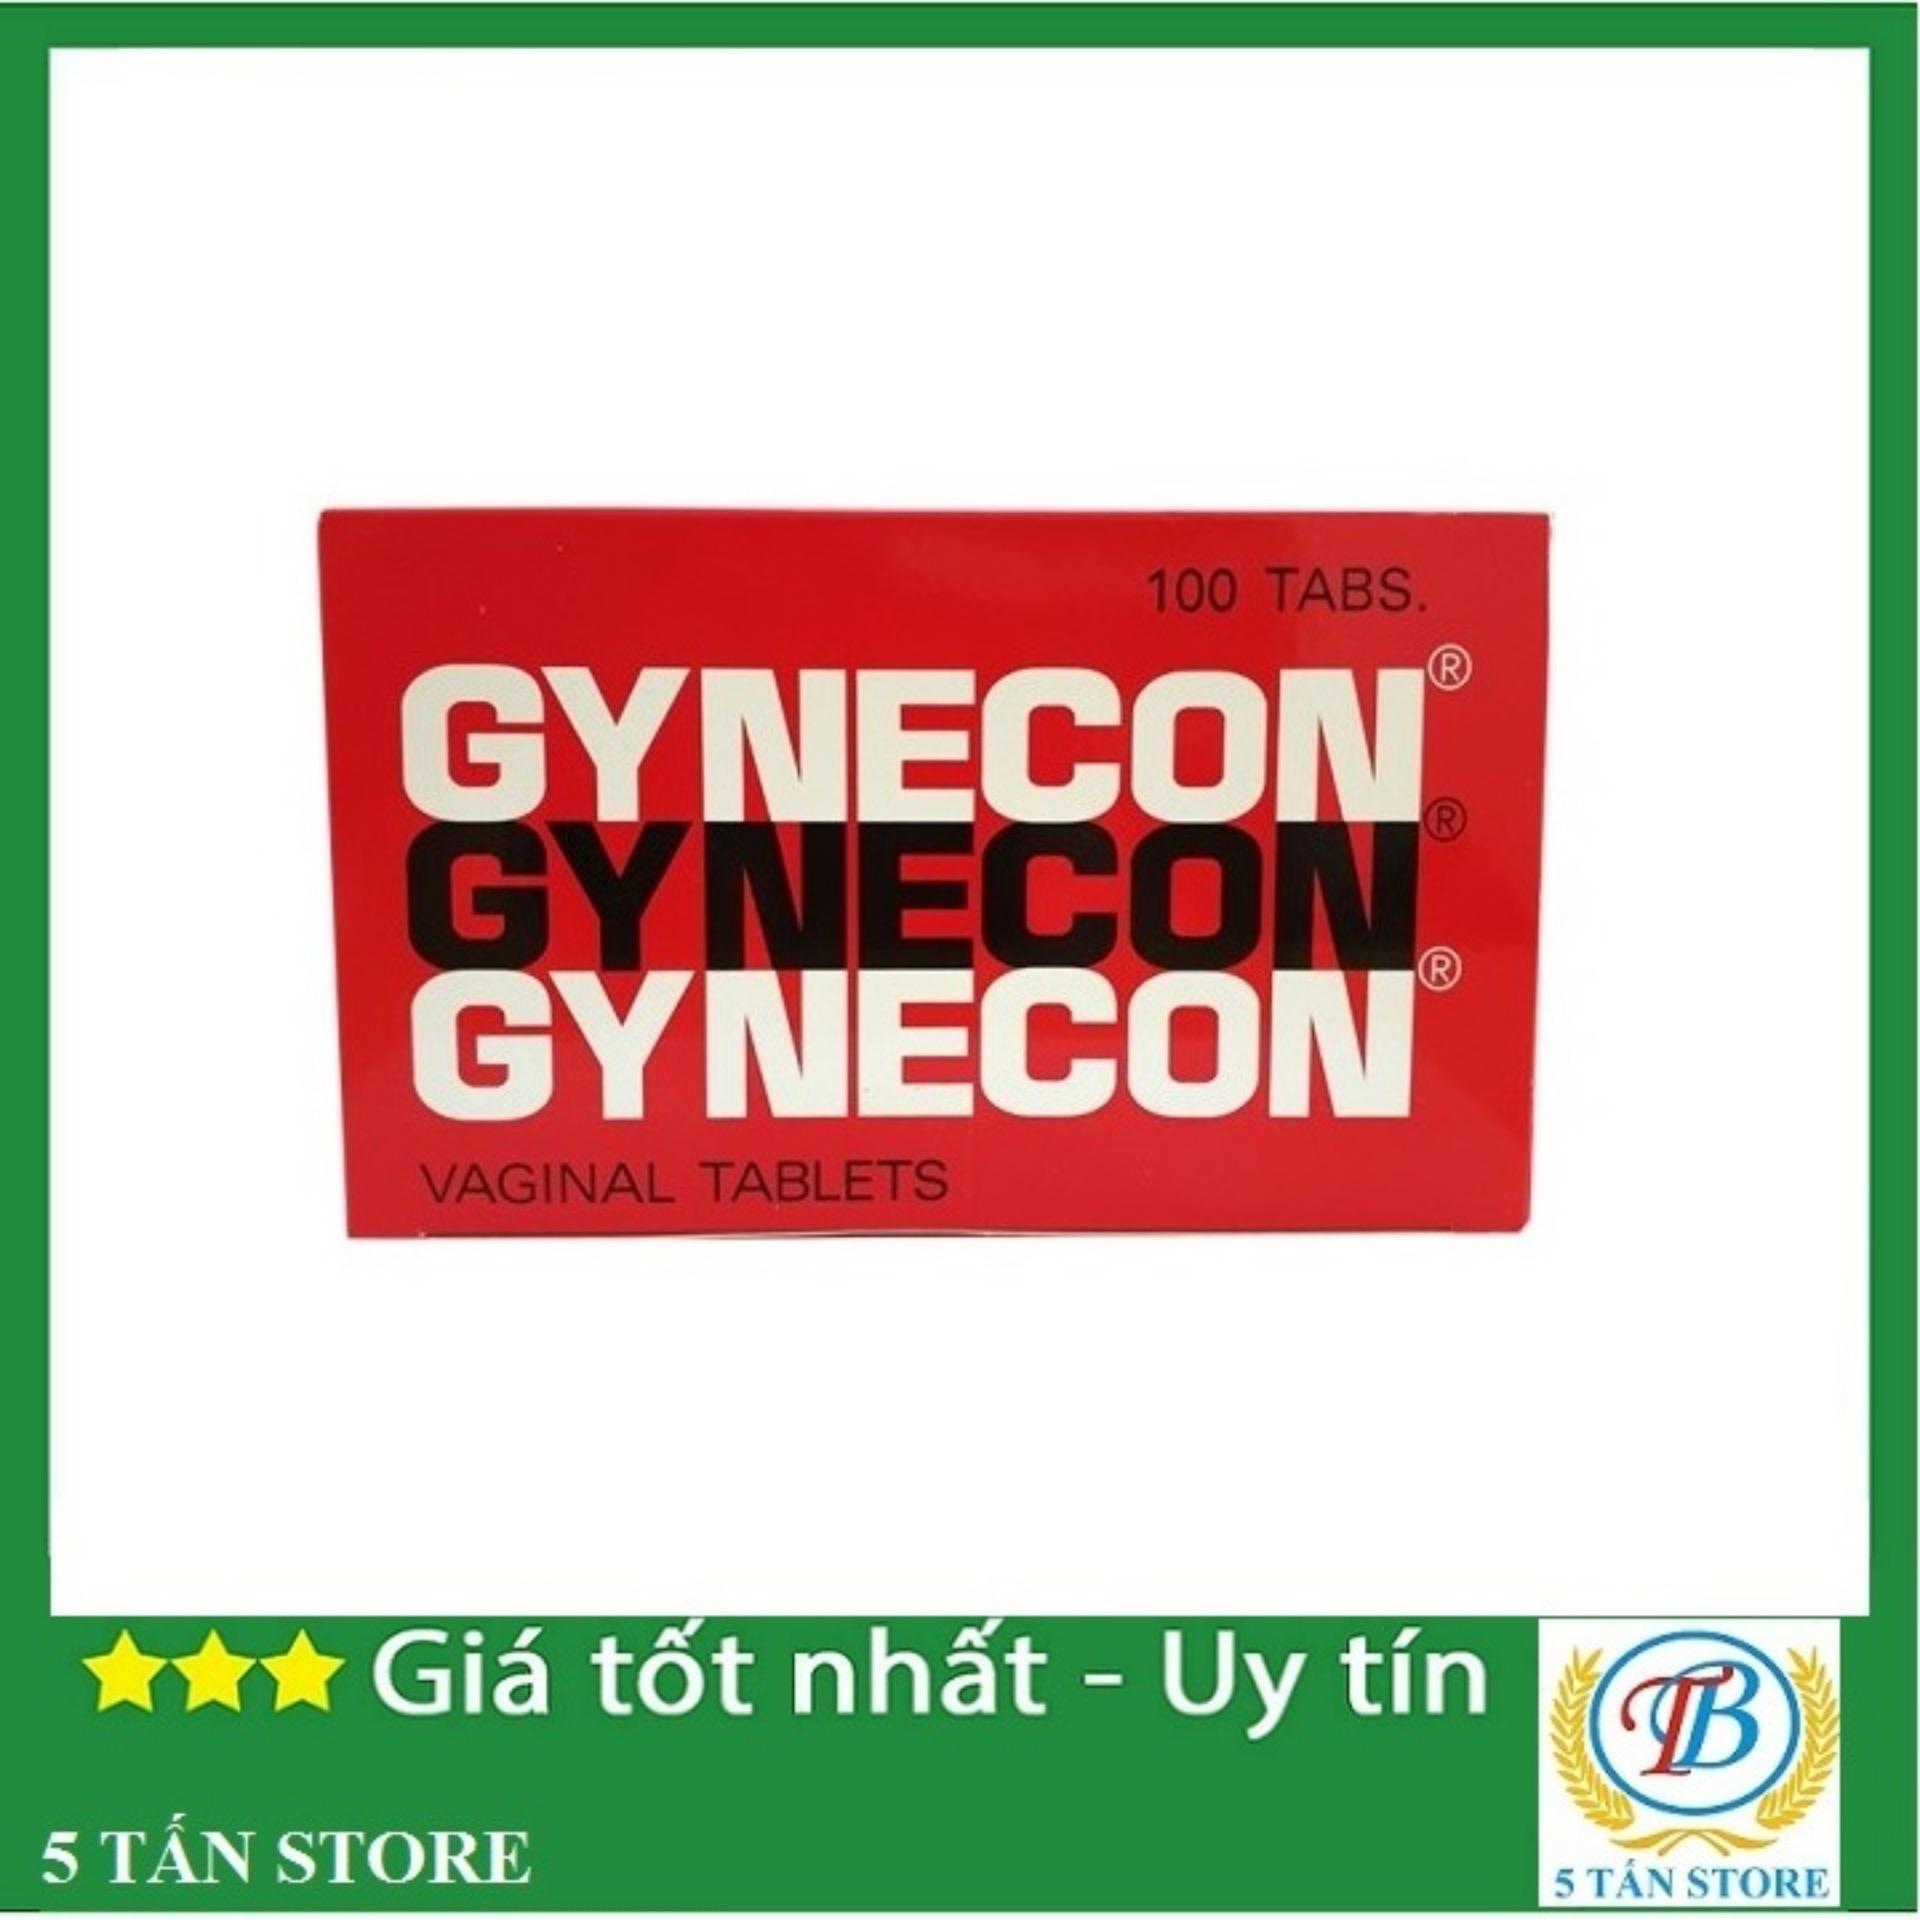 Viên đặt phụ khoa Gynecon ( vỉ 10 viên liệu trình 10 ngày) tốt nhất